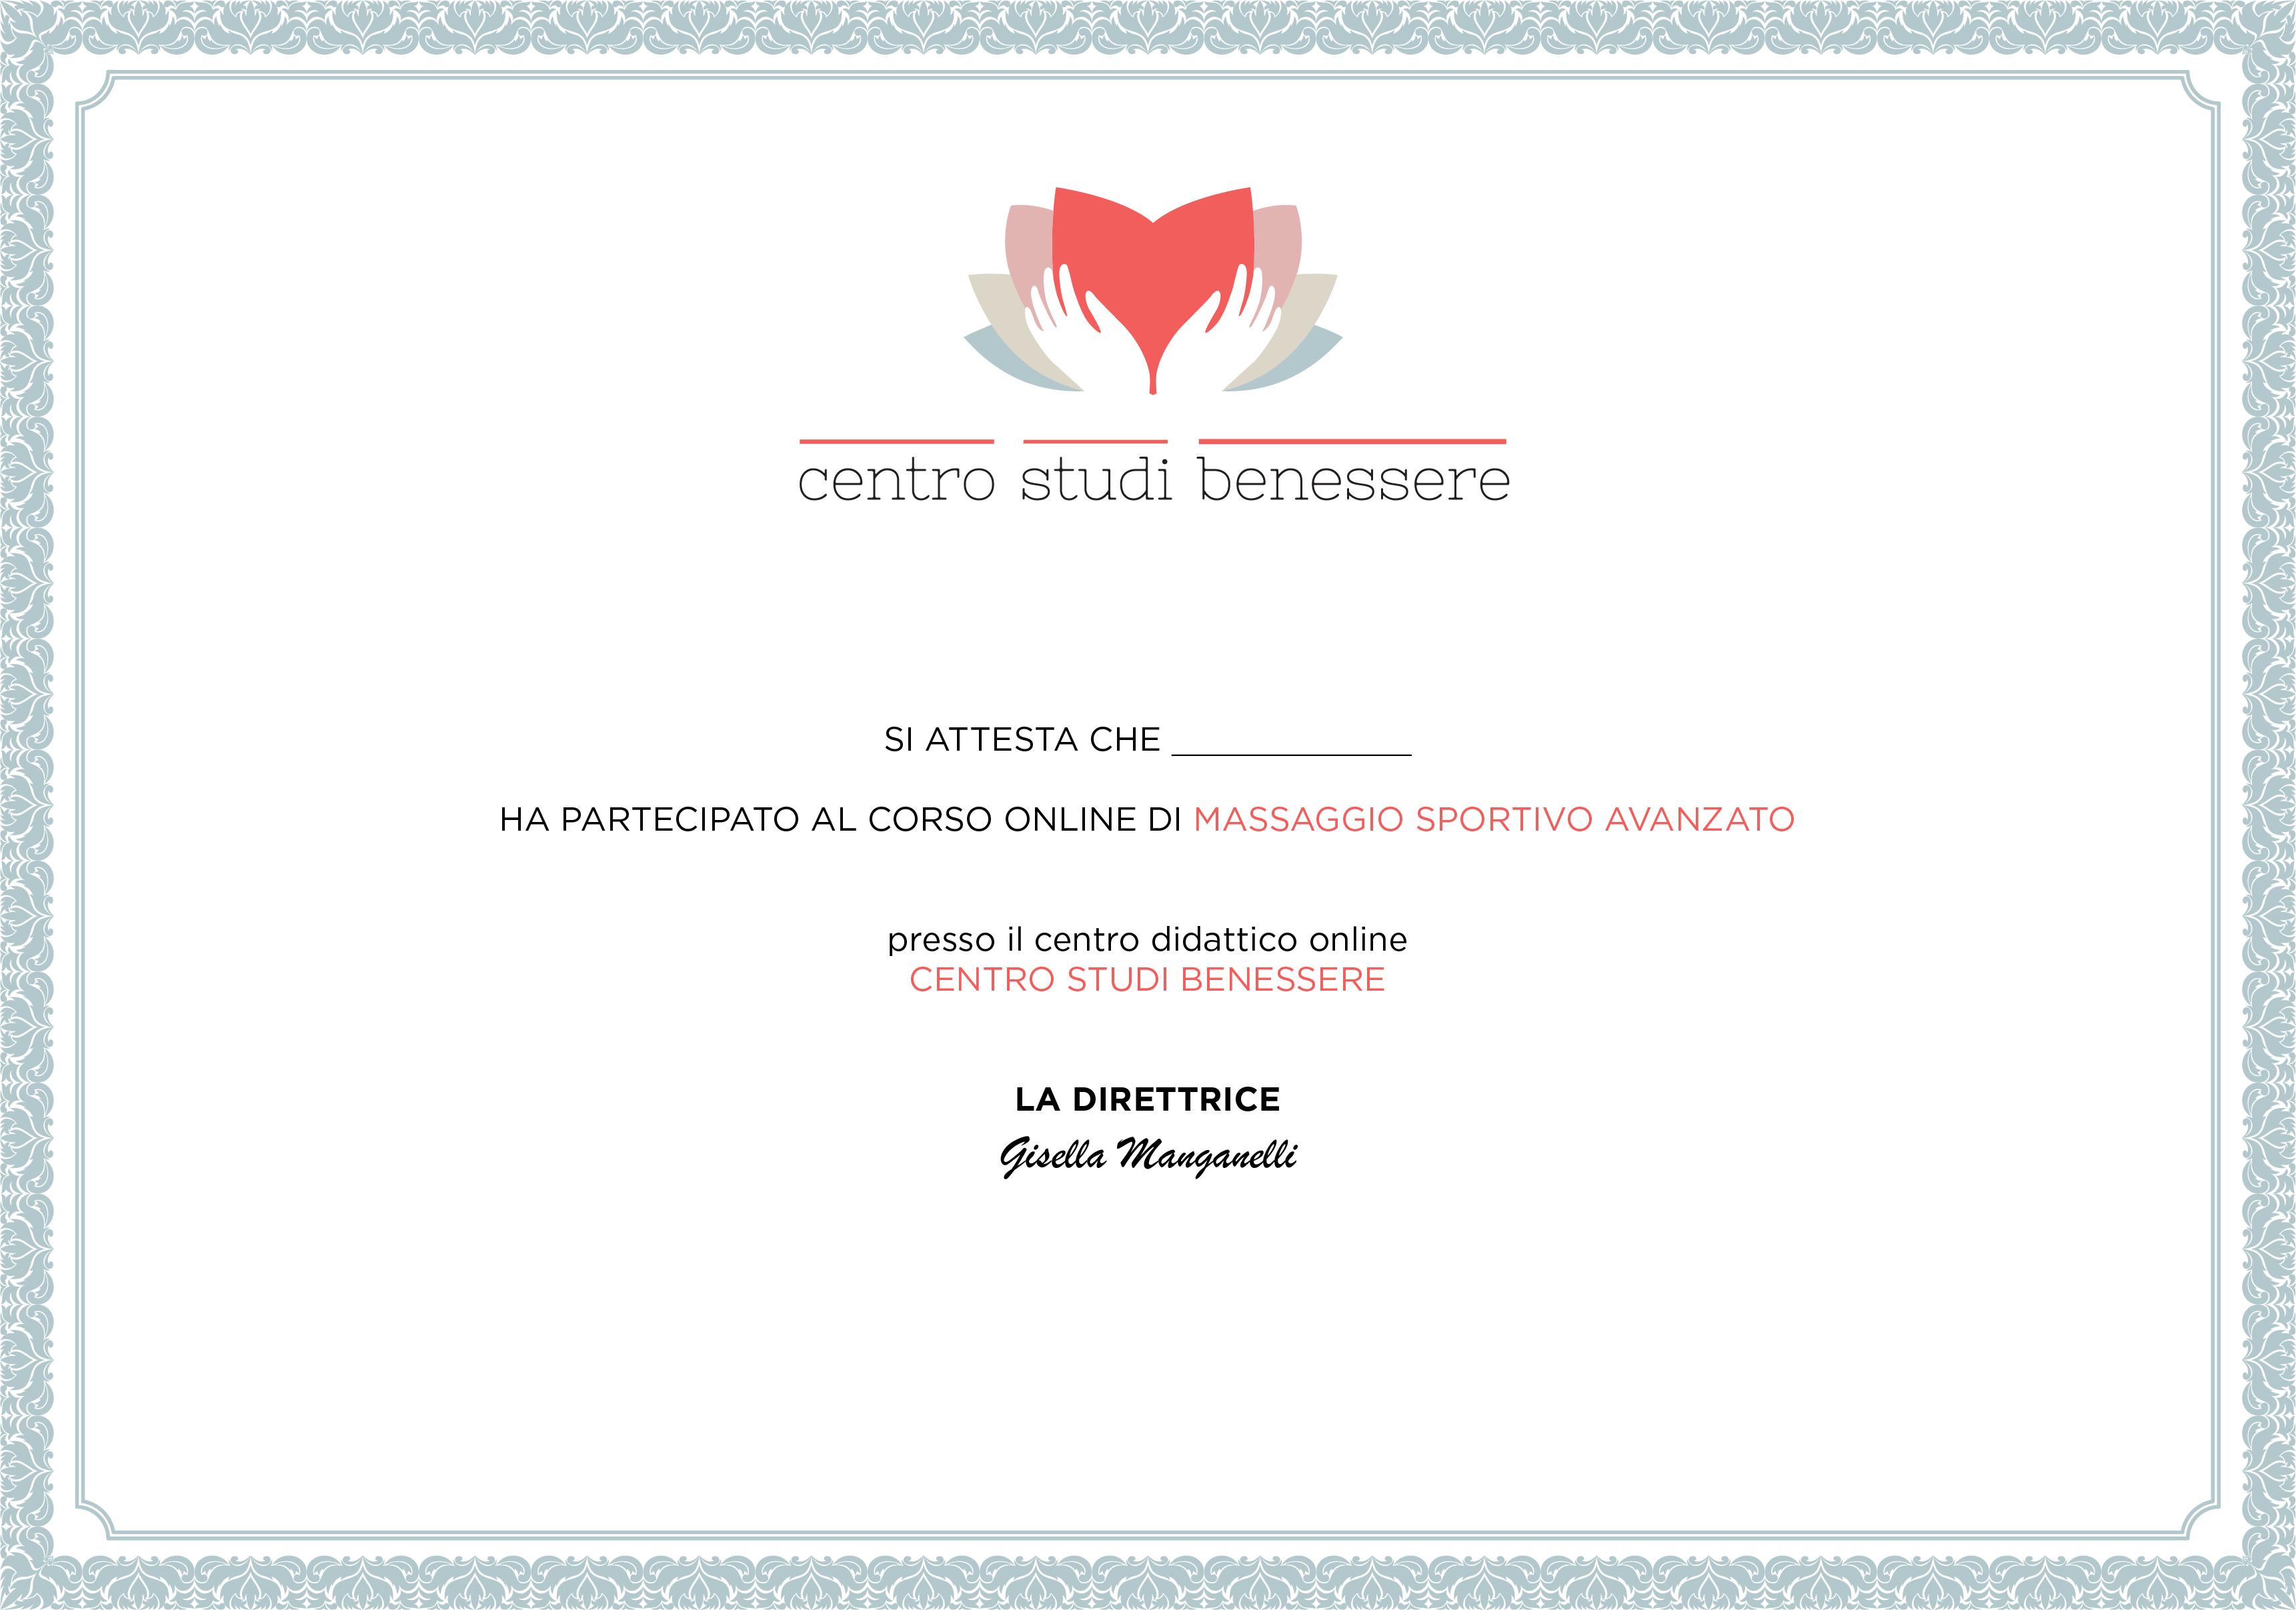 Corso online di Massaggio Sportivo Avanzato